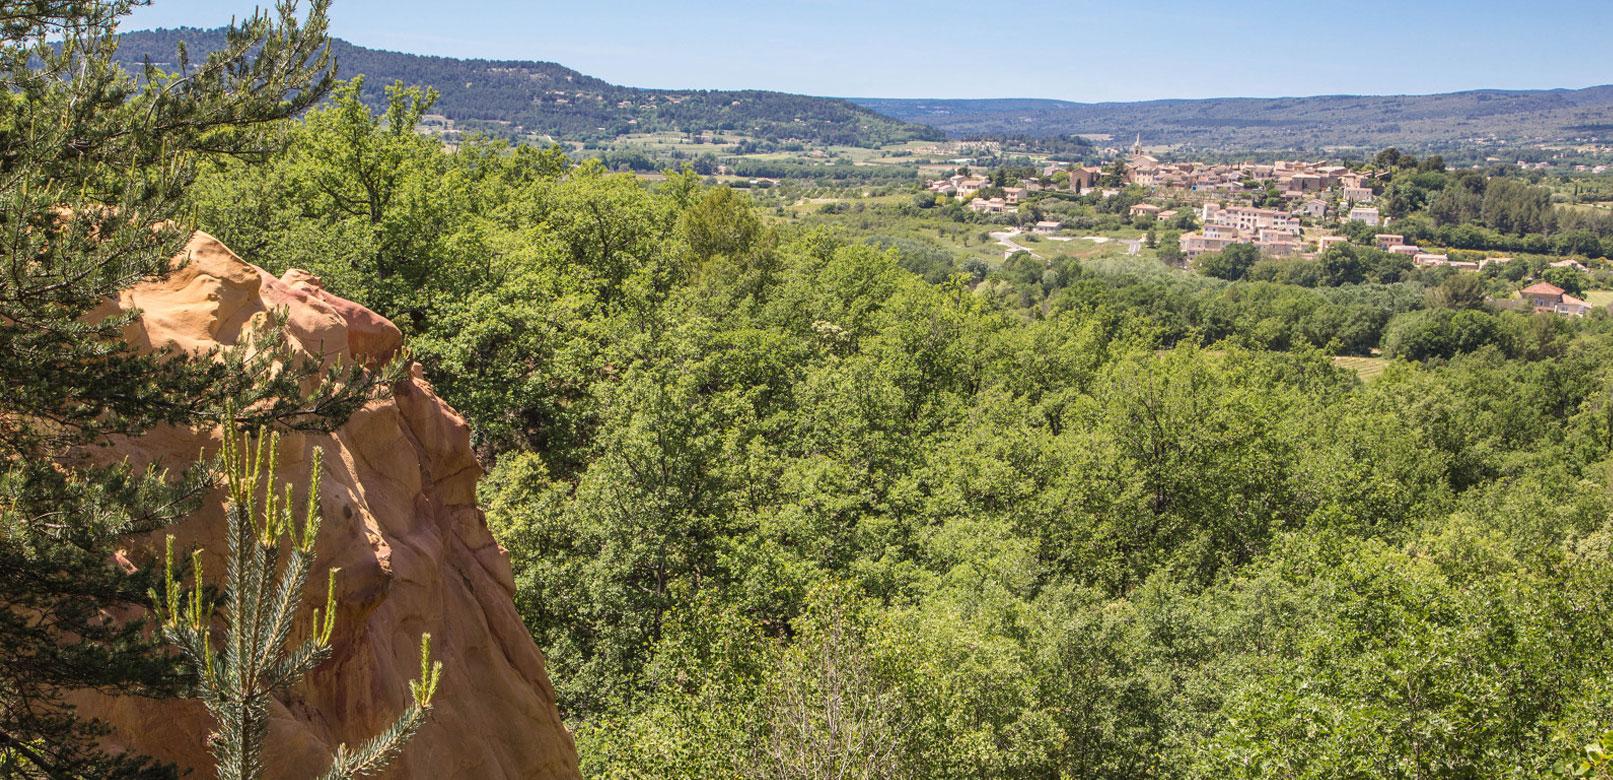 ocres de bruyère en Luberon  © Hocquel